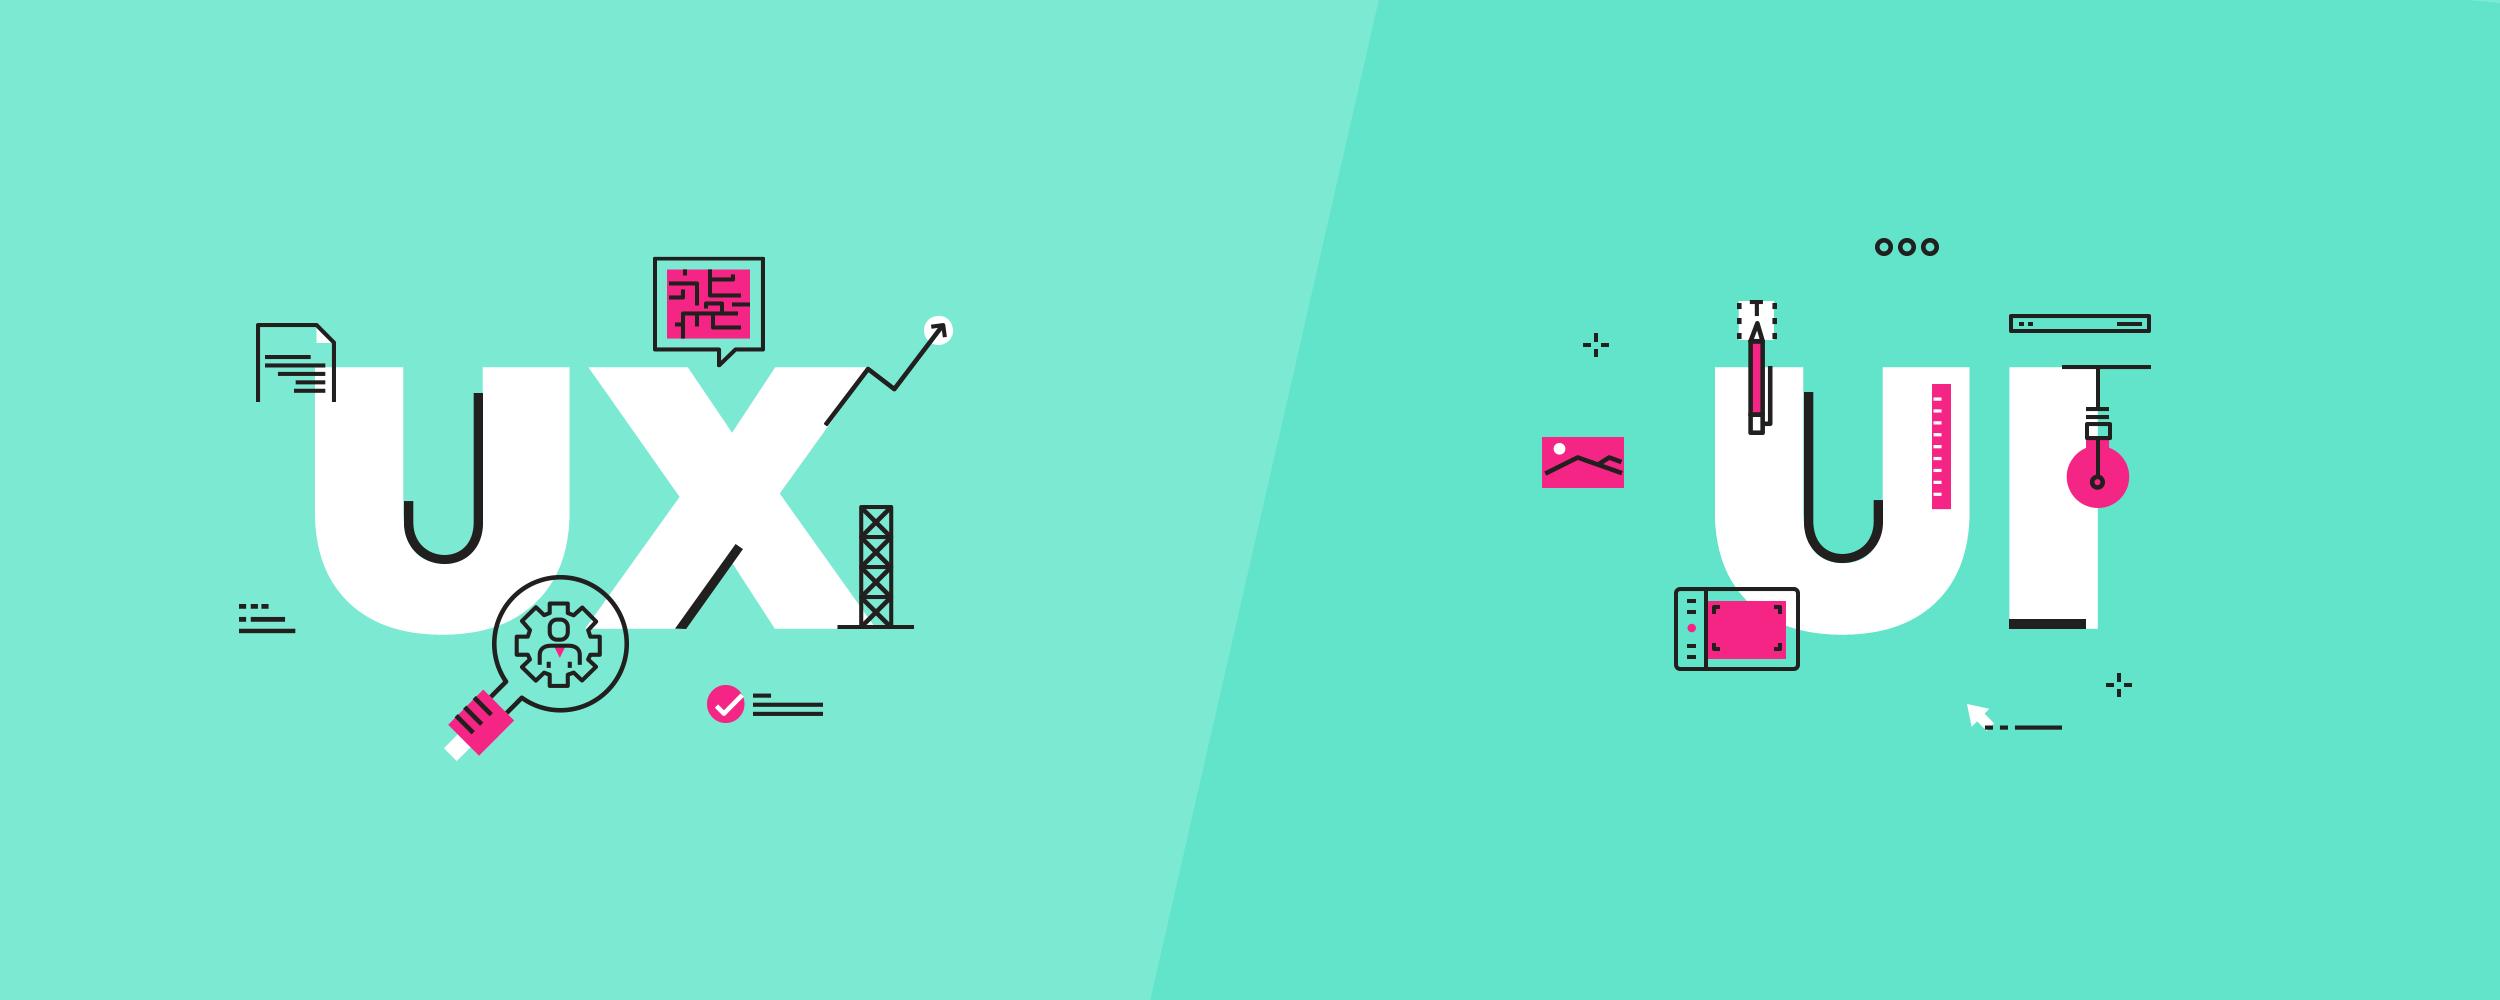 الفرق بين واجهات المستخدم UI وتجارب المستخدم UX 